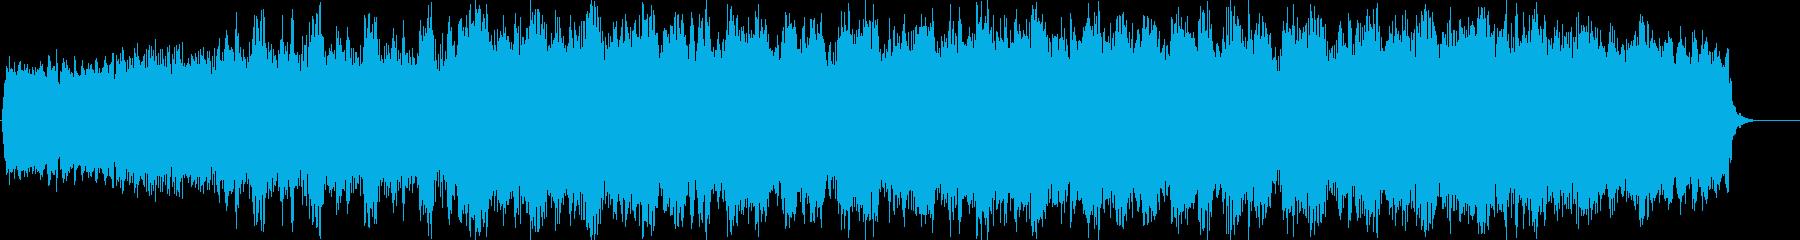 不思議で未来的なイメージのBGMの再生済みの波形